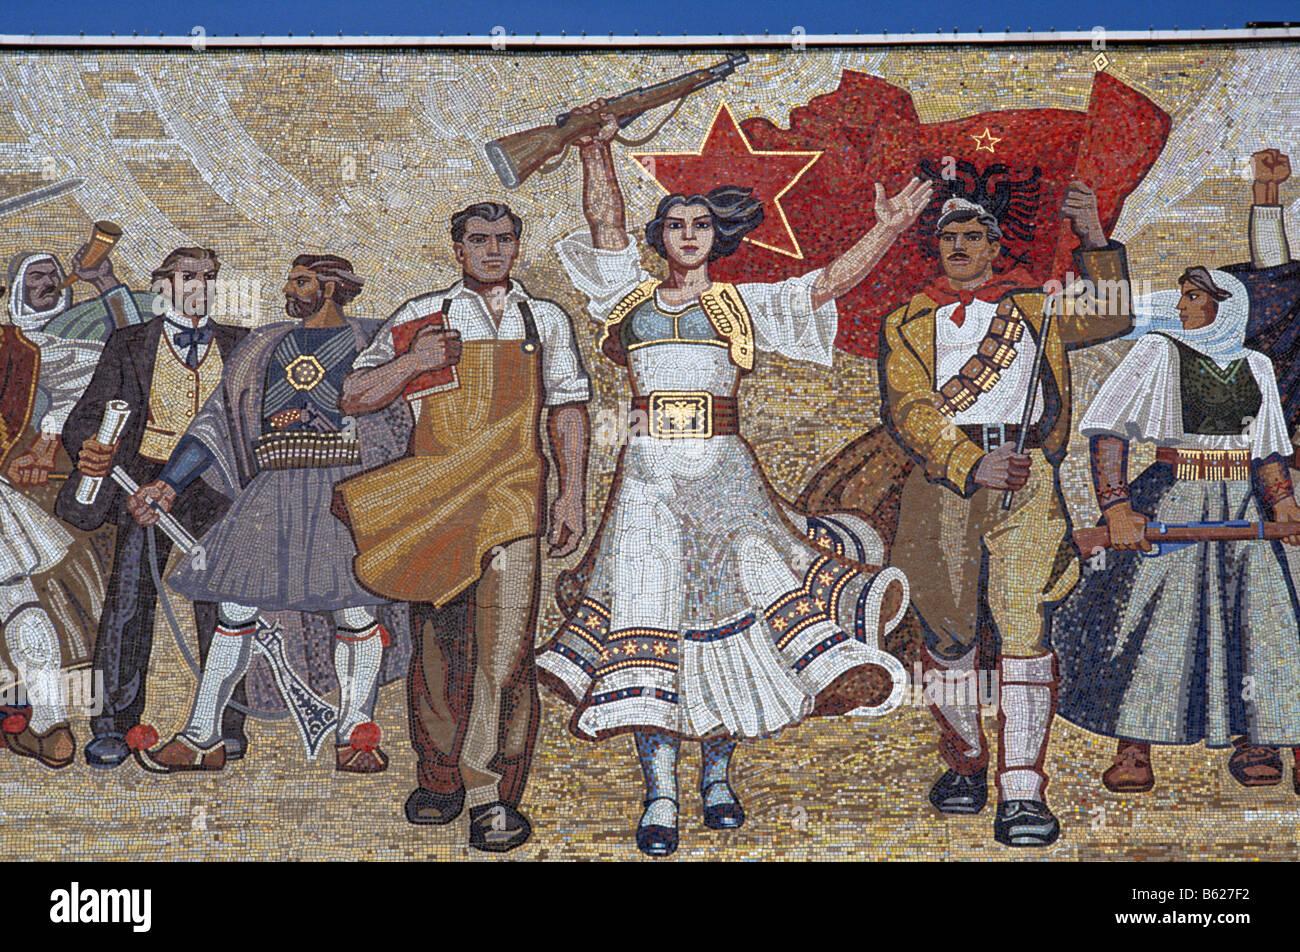 Musée national d'histoire, avec la façade en mosaïque de l'Histoire victorieuse de l'Albanie, Photo Stock